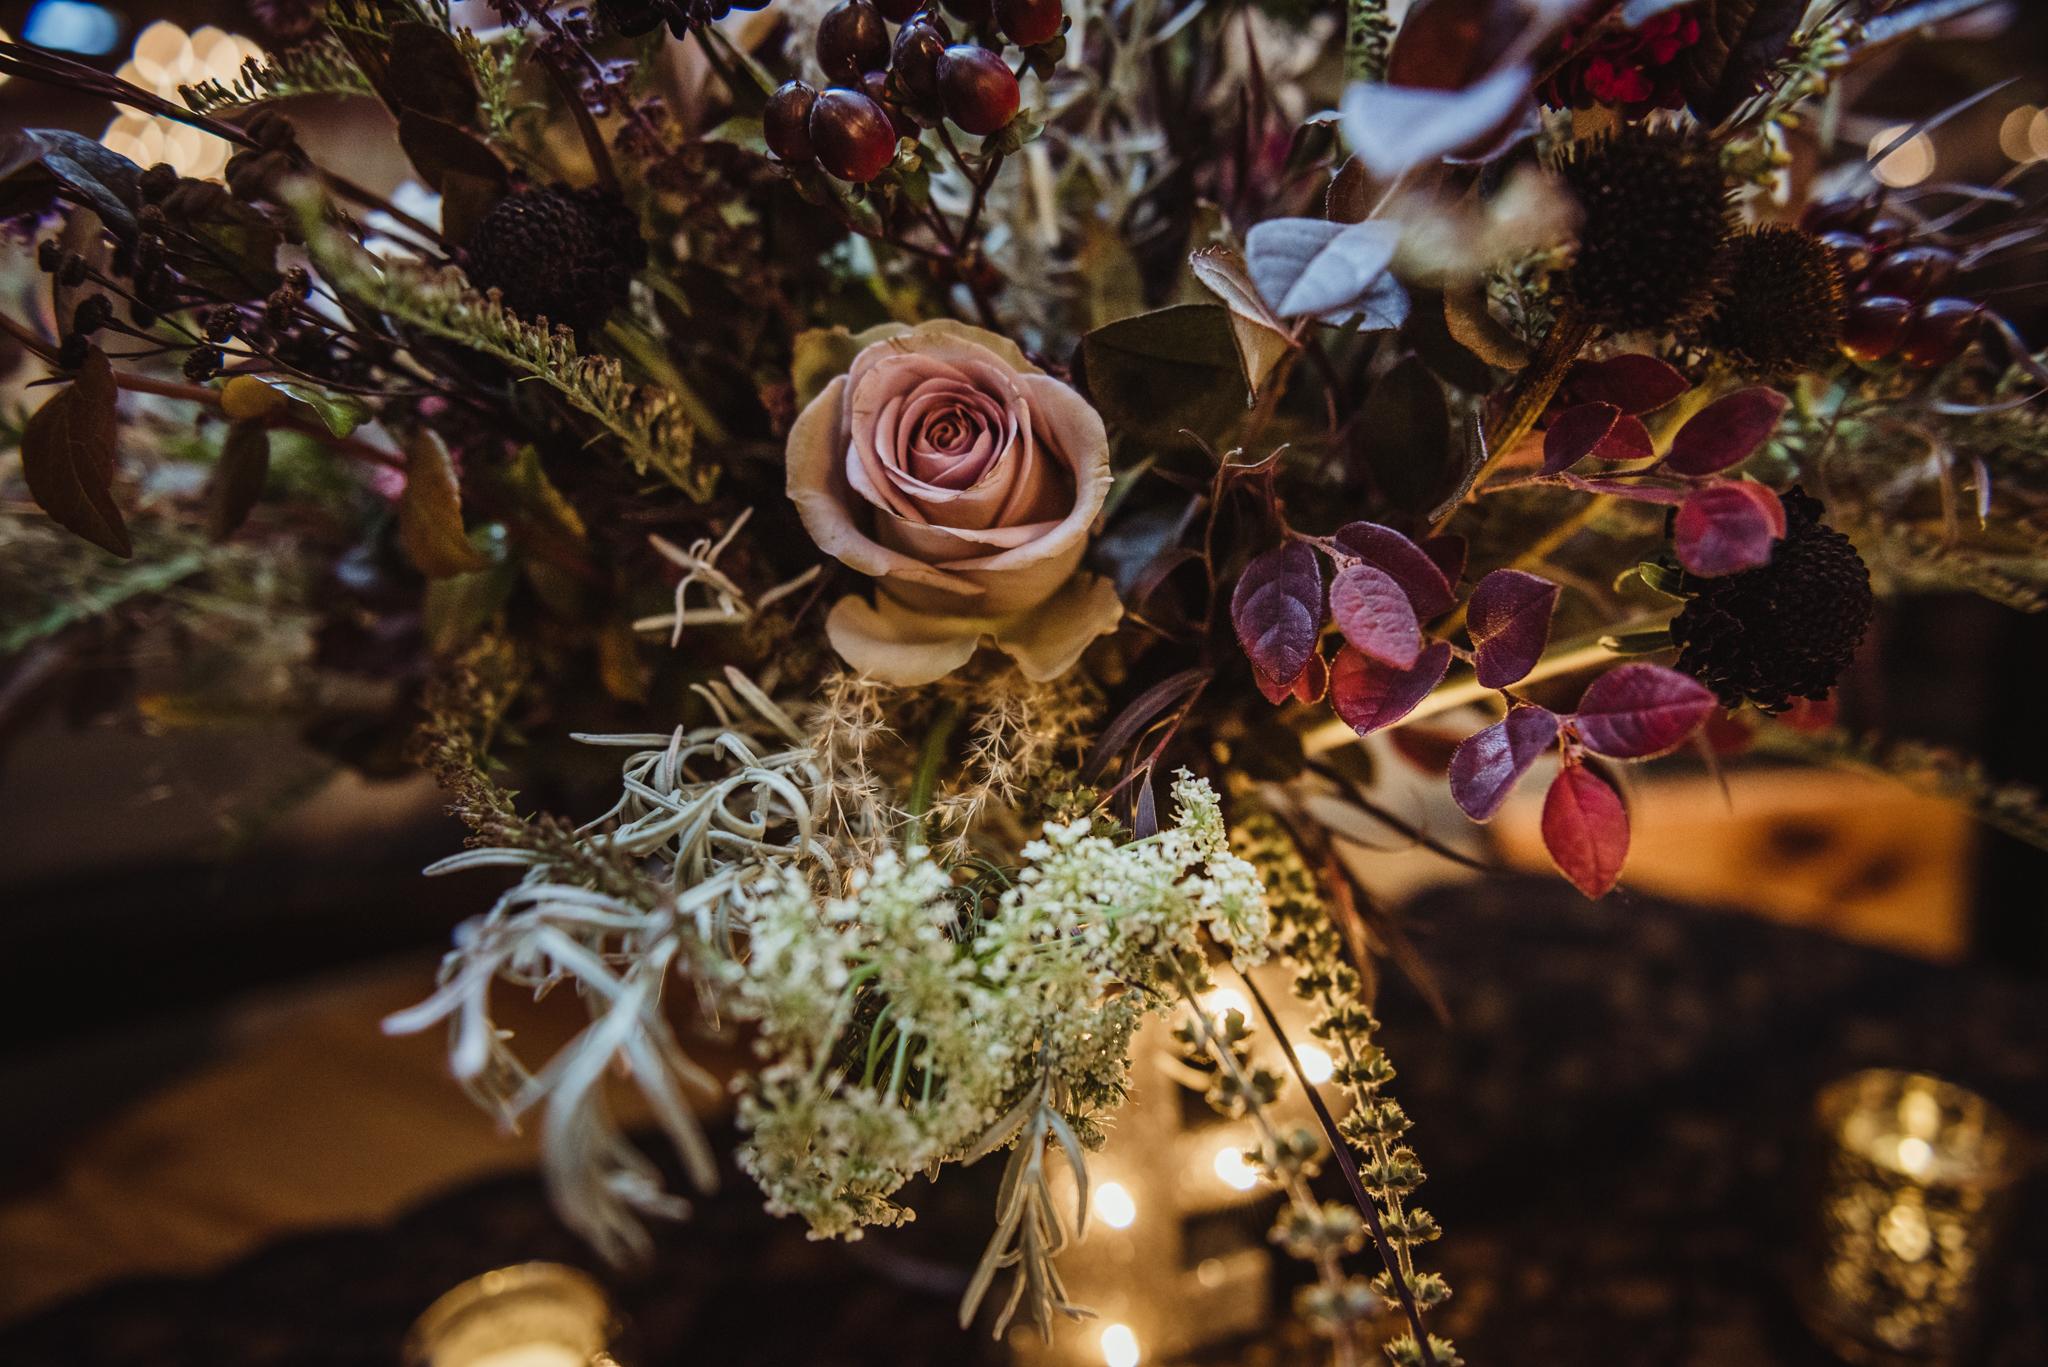 the-bridal-bouquet-looks-like-it-belongs-in-a-forest-in-the-fall.jpg